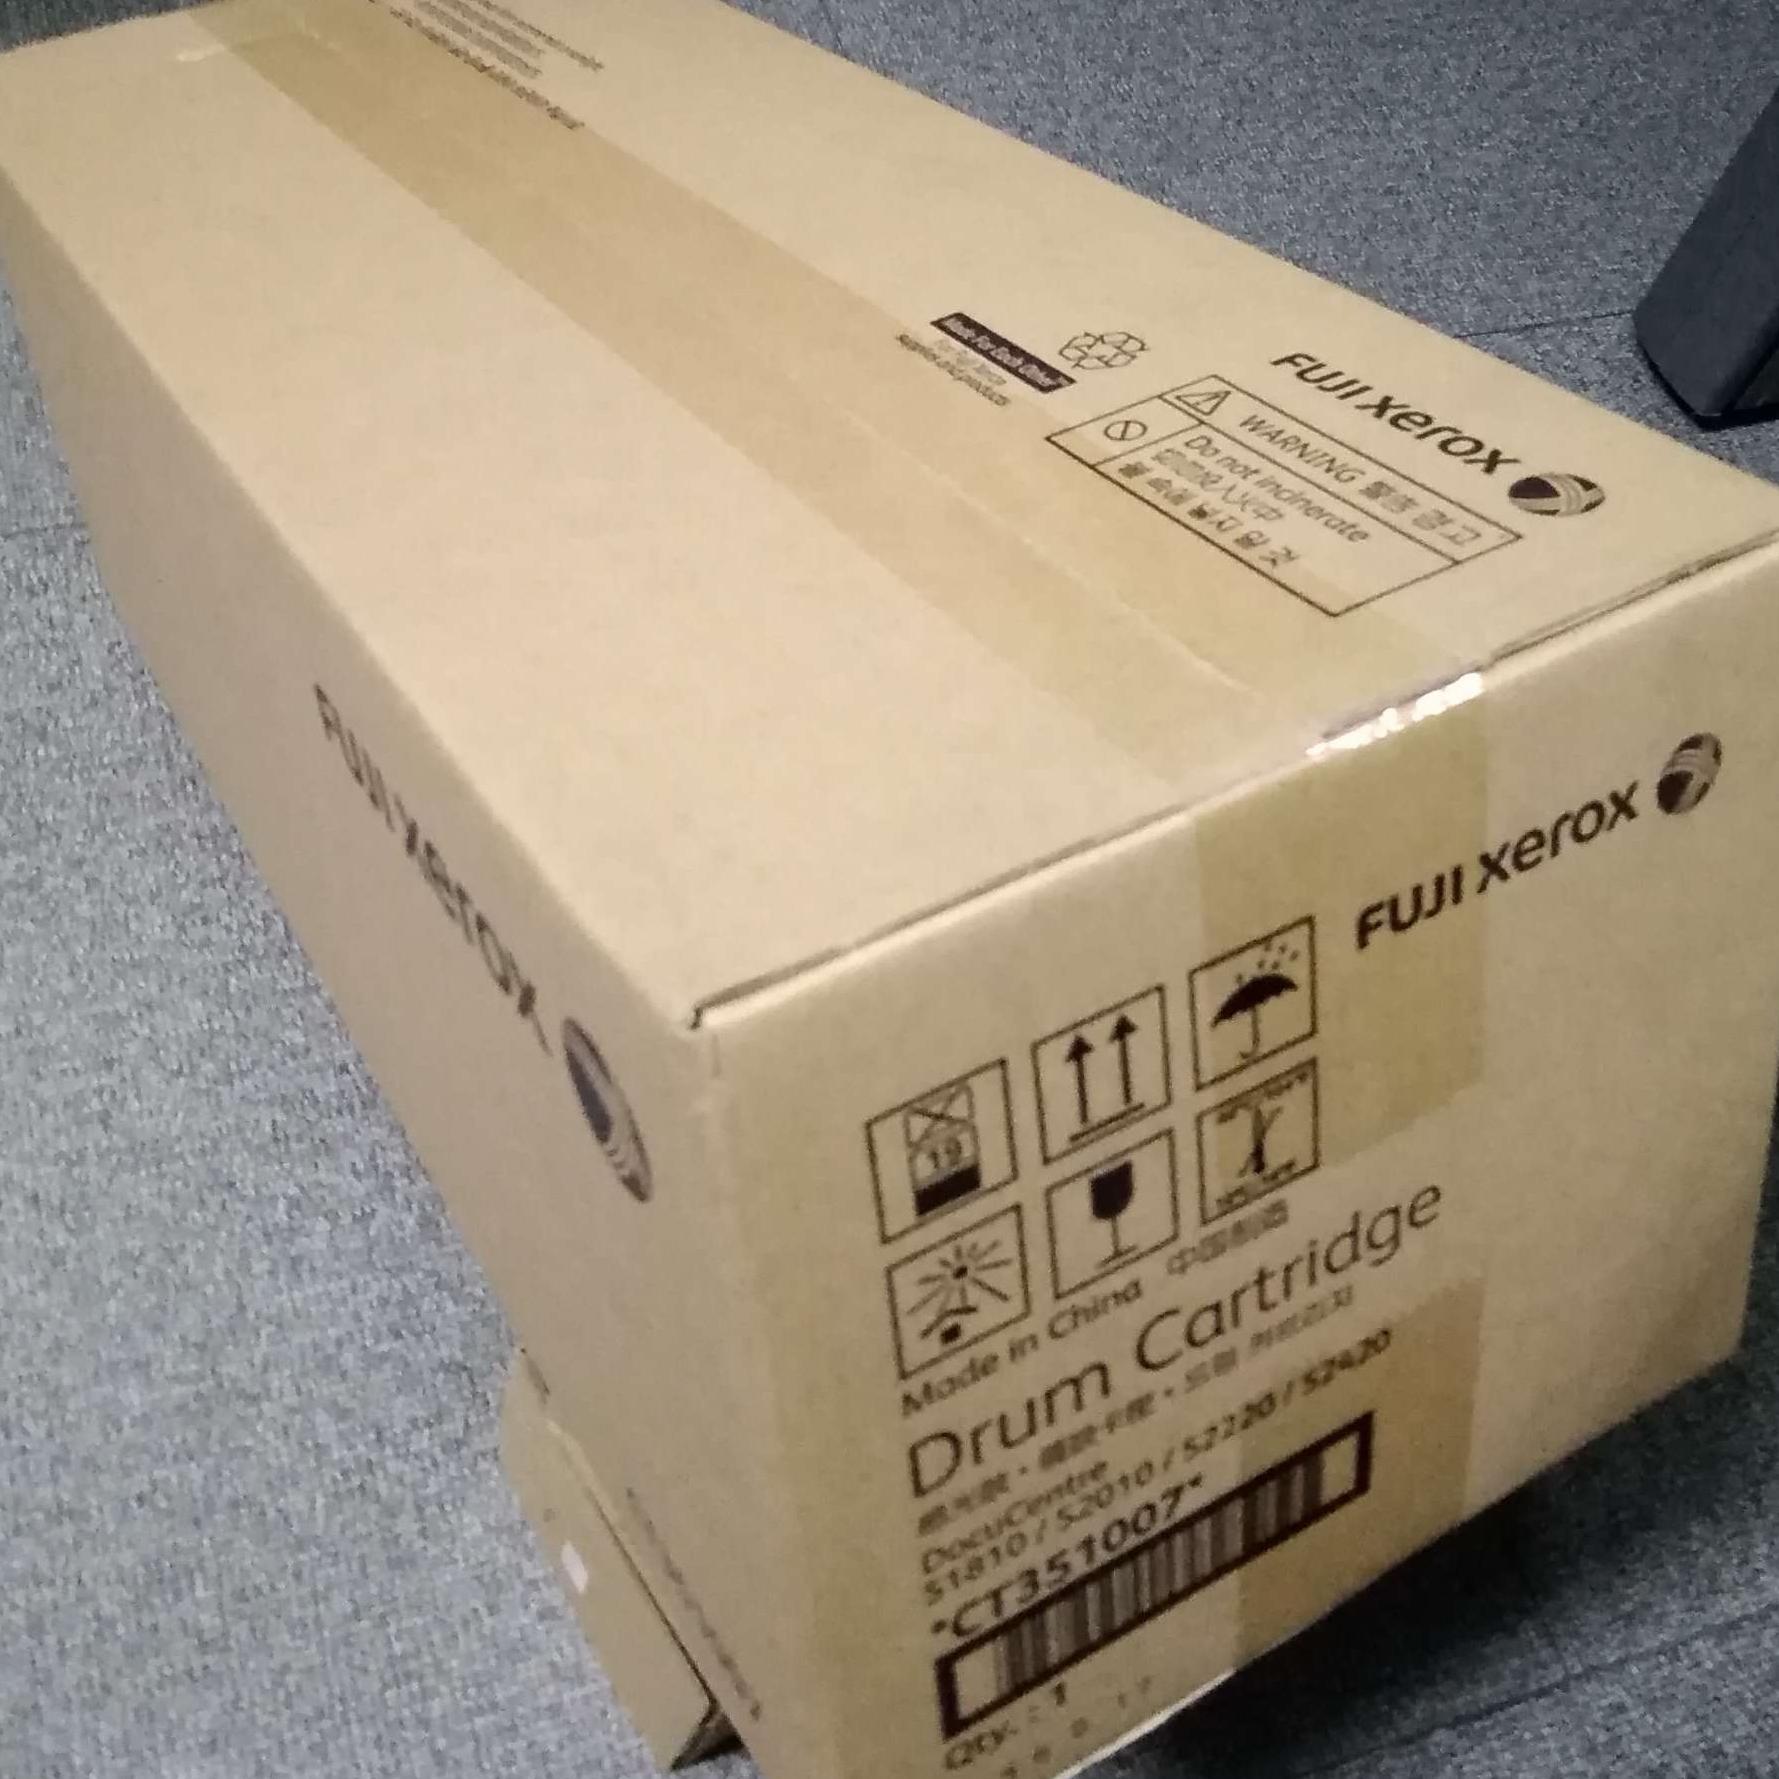 FUJI XEROX DRUM KIT CT351007 GENUINE FOR S1810, 2010, 2011, 2020, 2220,  2320, 2420, 2520